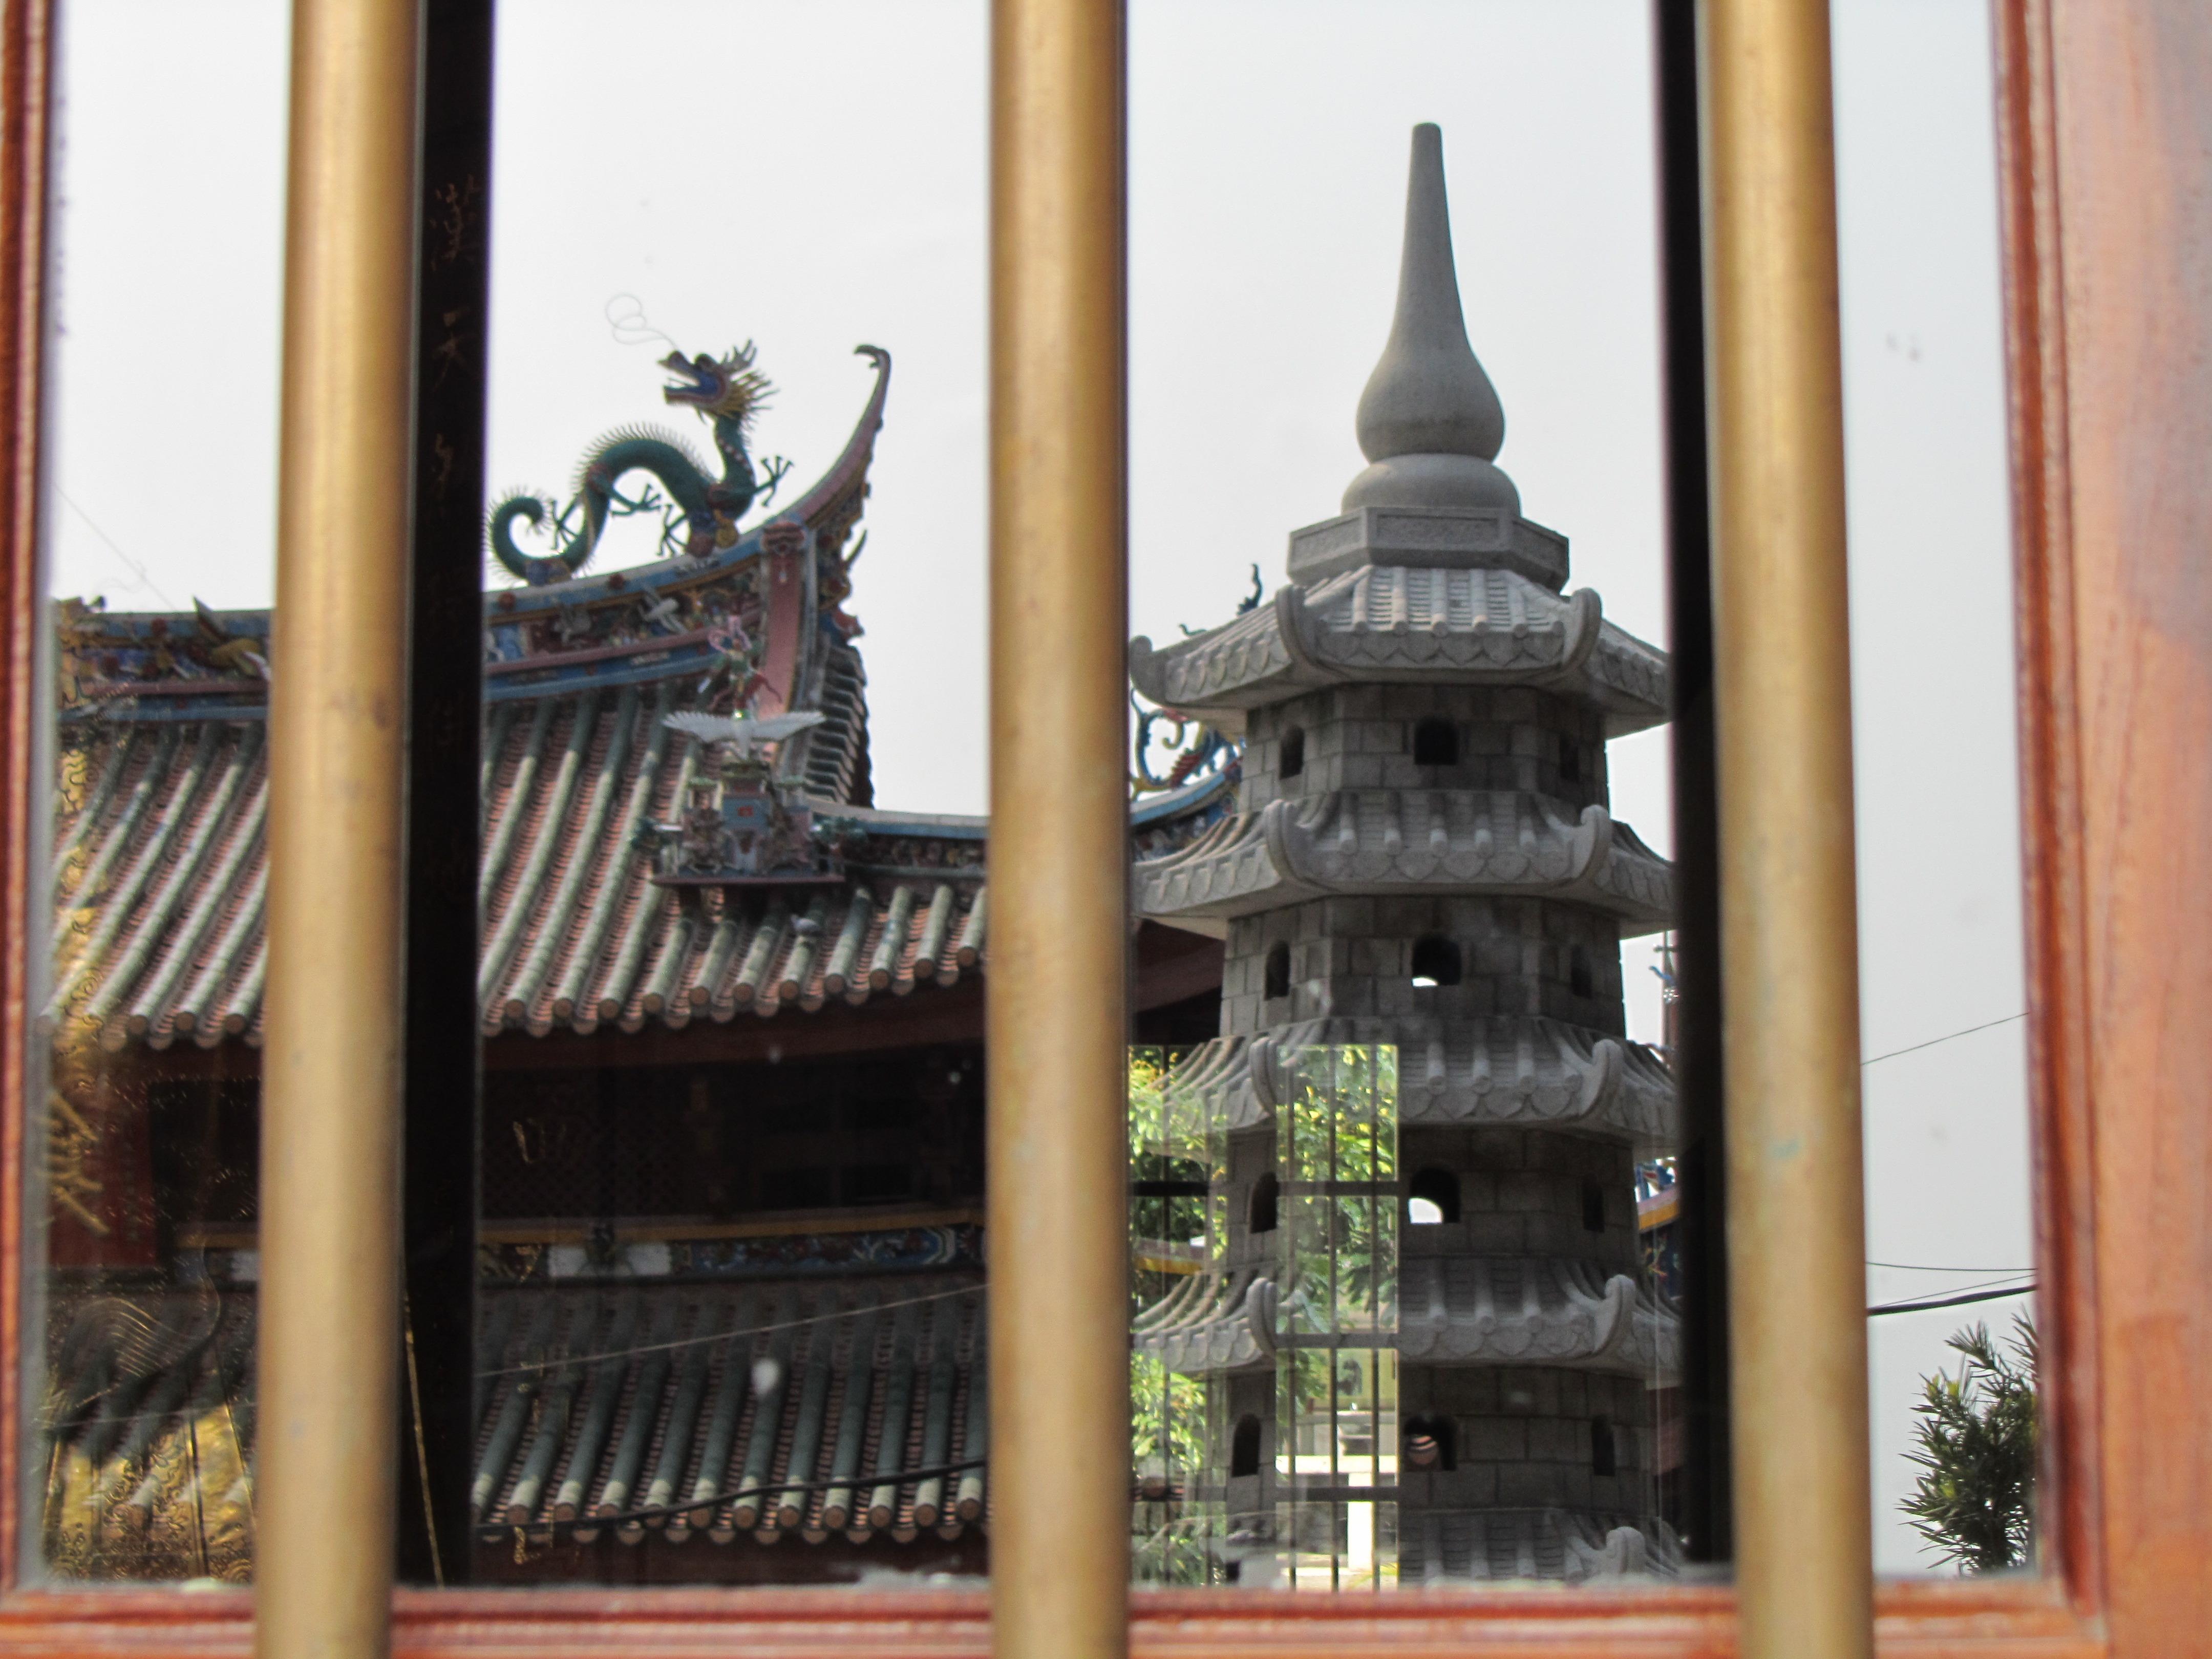 屋檐一角和门前的佛塔